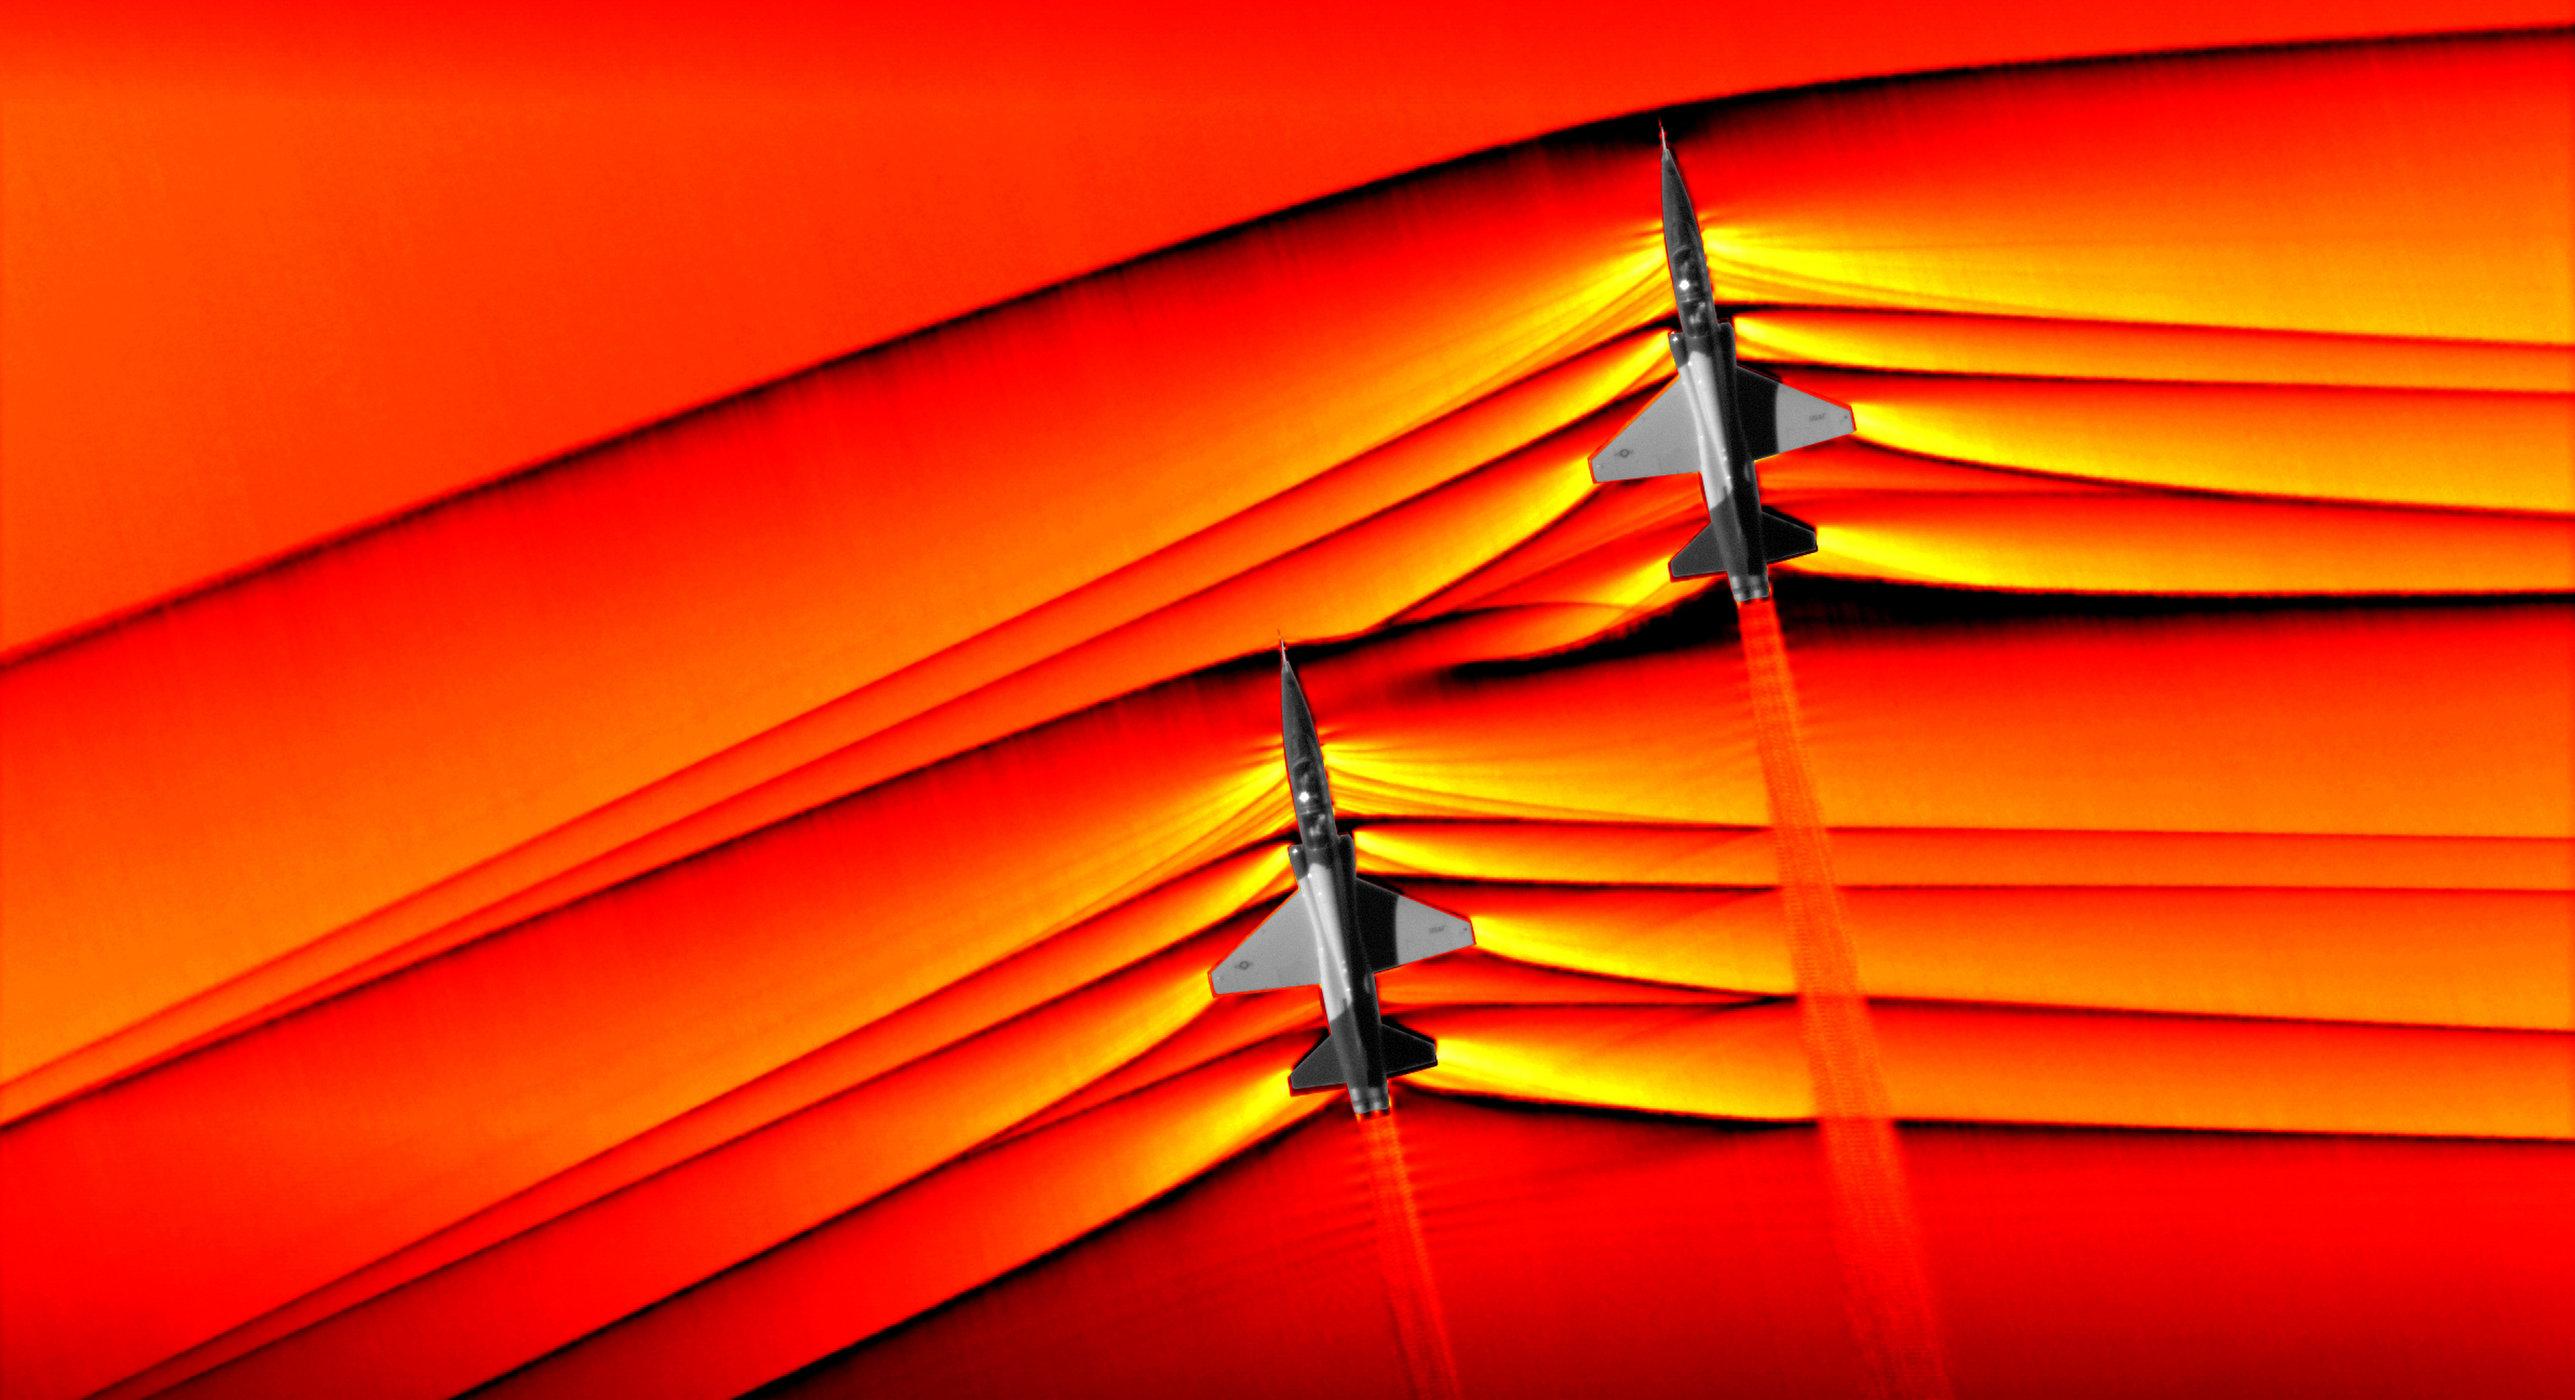 Images inédites d'avions franchissant le mur du son